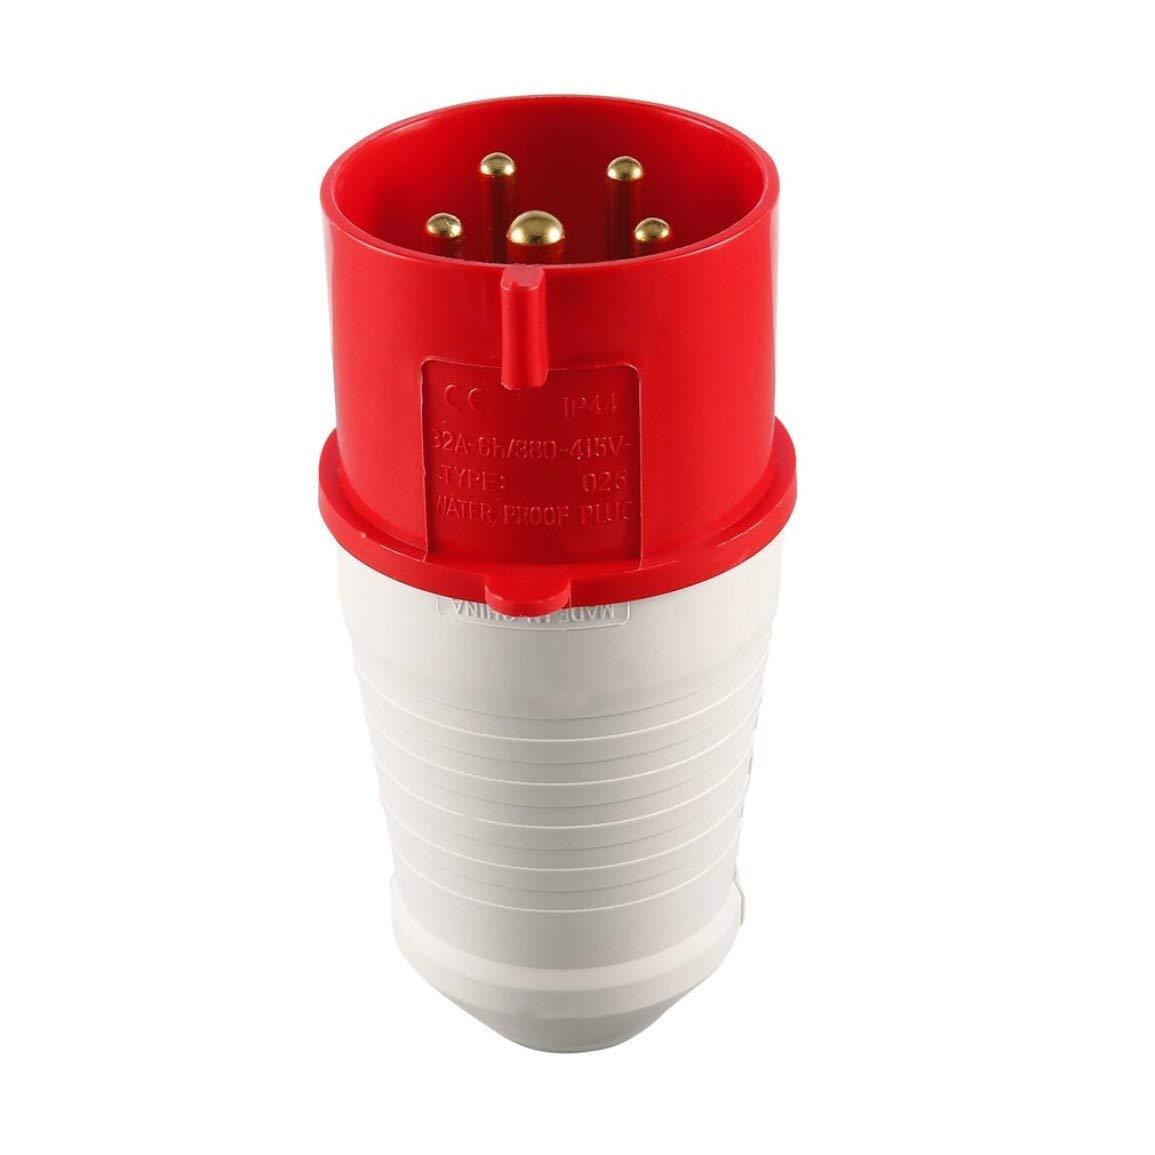 Rojo 415V 32 Amp 5pin Enchufe industrial y enchufe de pared Impermeable IP44 Enchufe Conector 3 Fase 3P Tierra Neutro Macho//Hembra fghfhfgjdfj